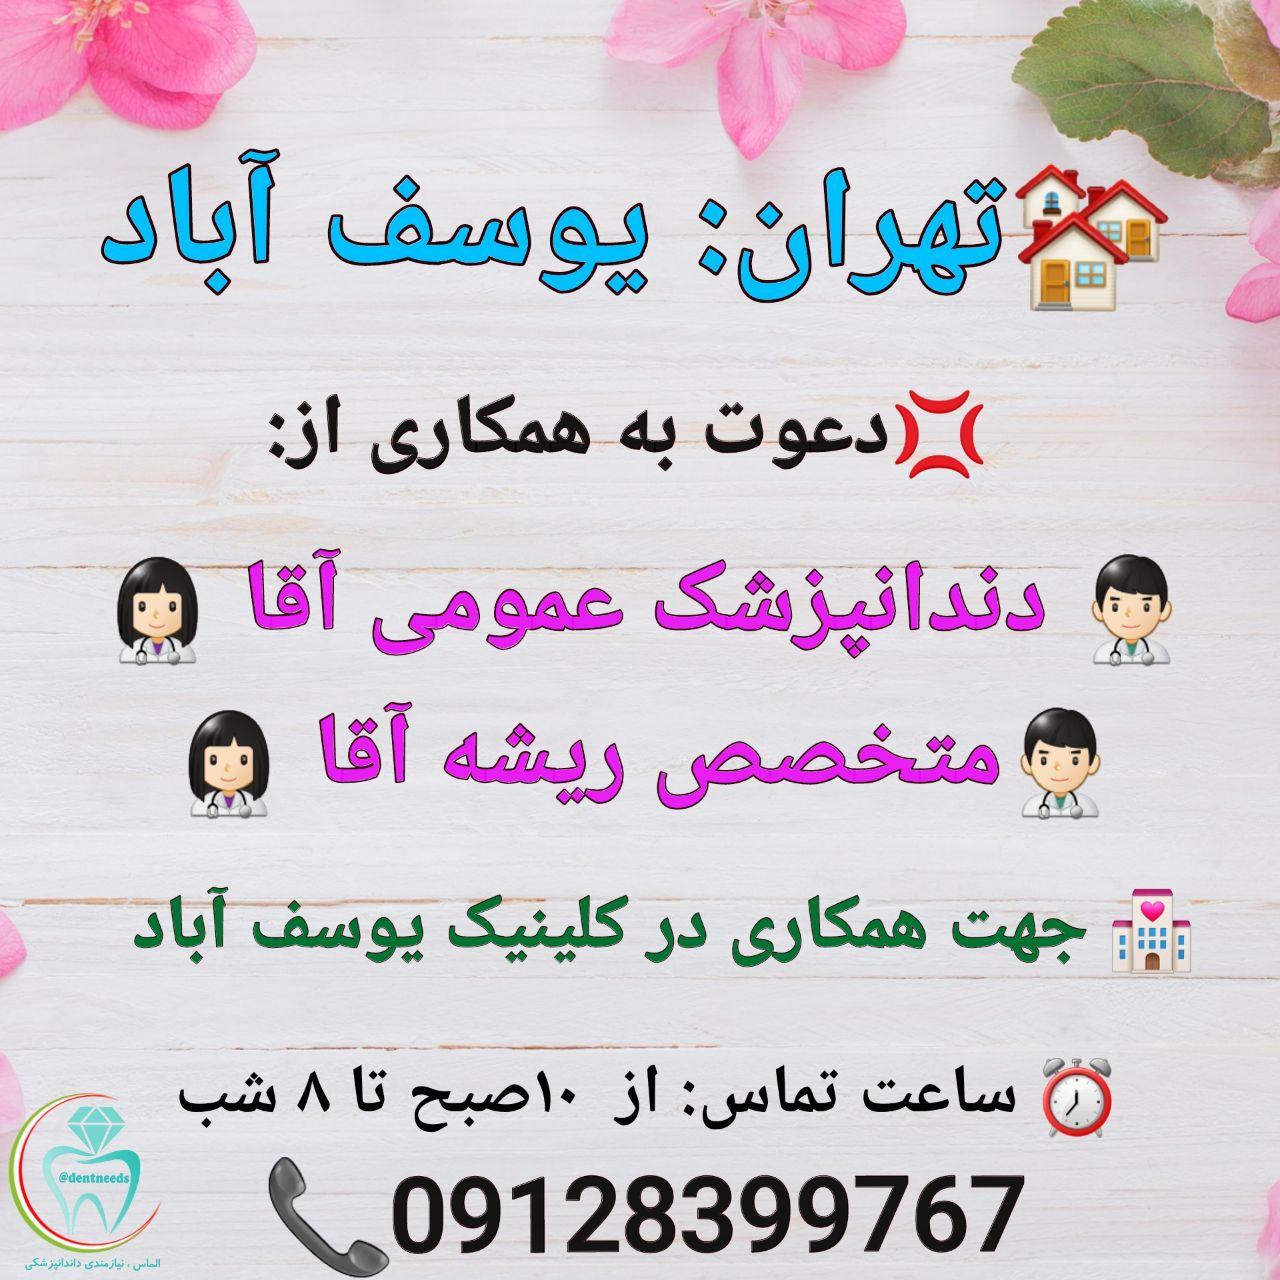 تهران: یوسف آباد، دعوت به همکاری از دندانپزشک عمومی آقا، متخصص ریشه آقا